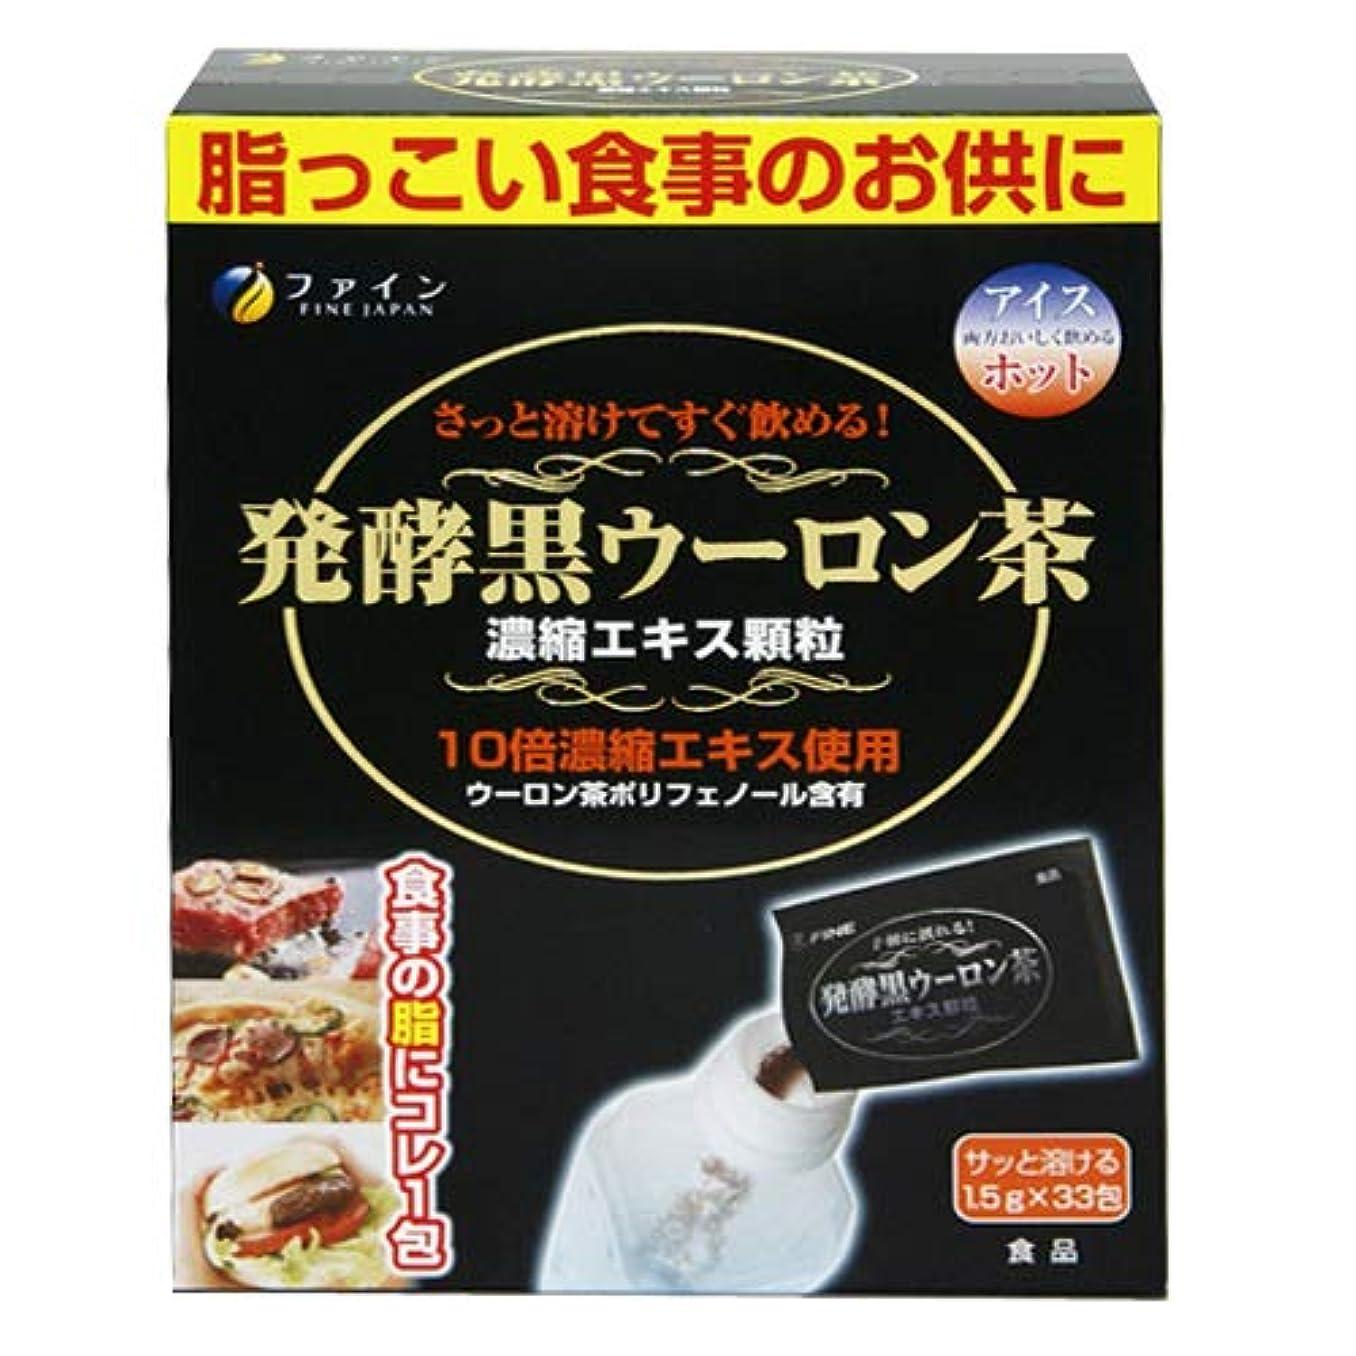 気づくなる被る動物園発酵黒ウーロン茶 濃縮エキス顆粒 【2箱組】